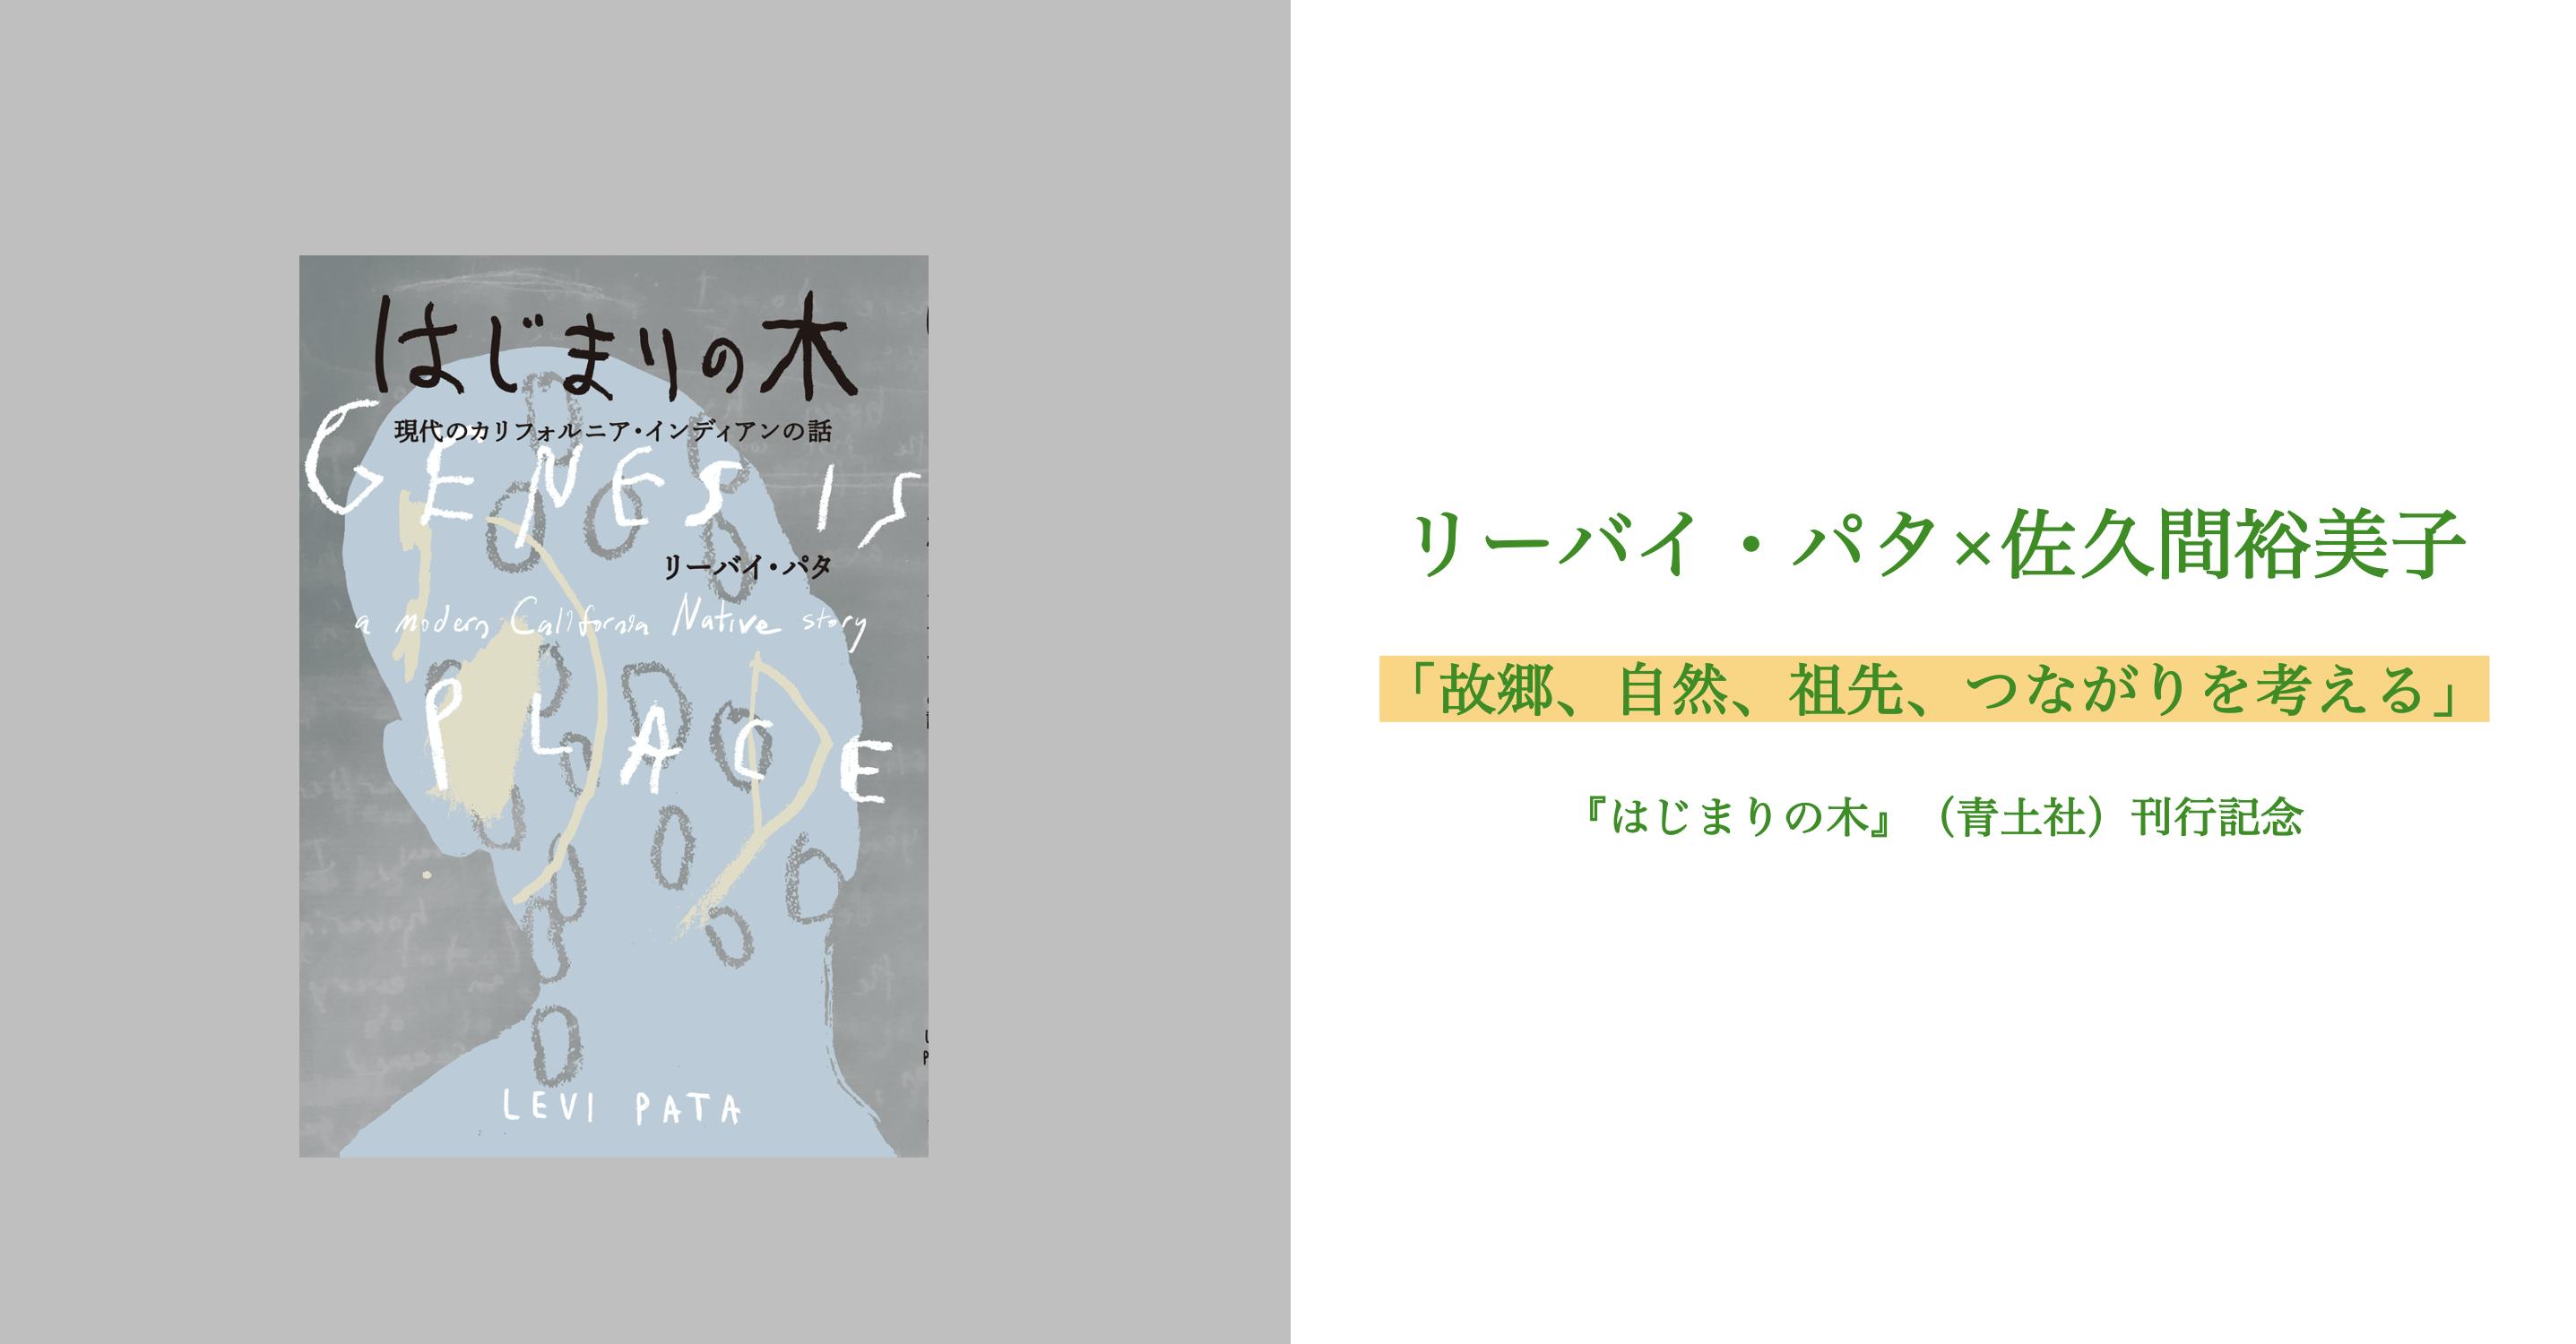 バナー_リーバイ・パタ×佐久間裕美子「故郷、自然、祖先、つながりを考える」『はじまりの木』(青土社)刊行記念